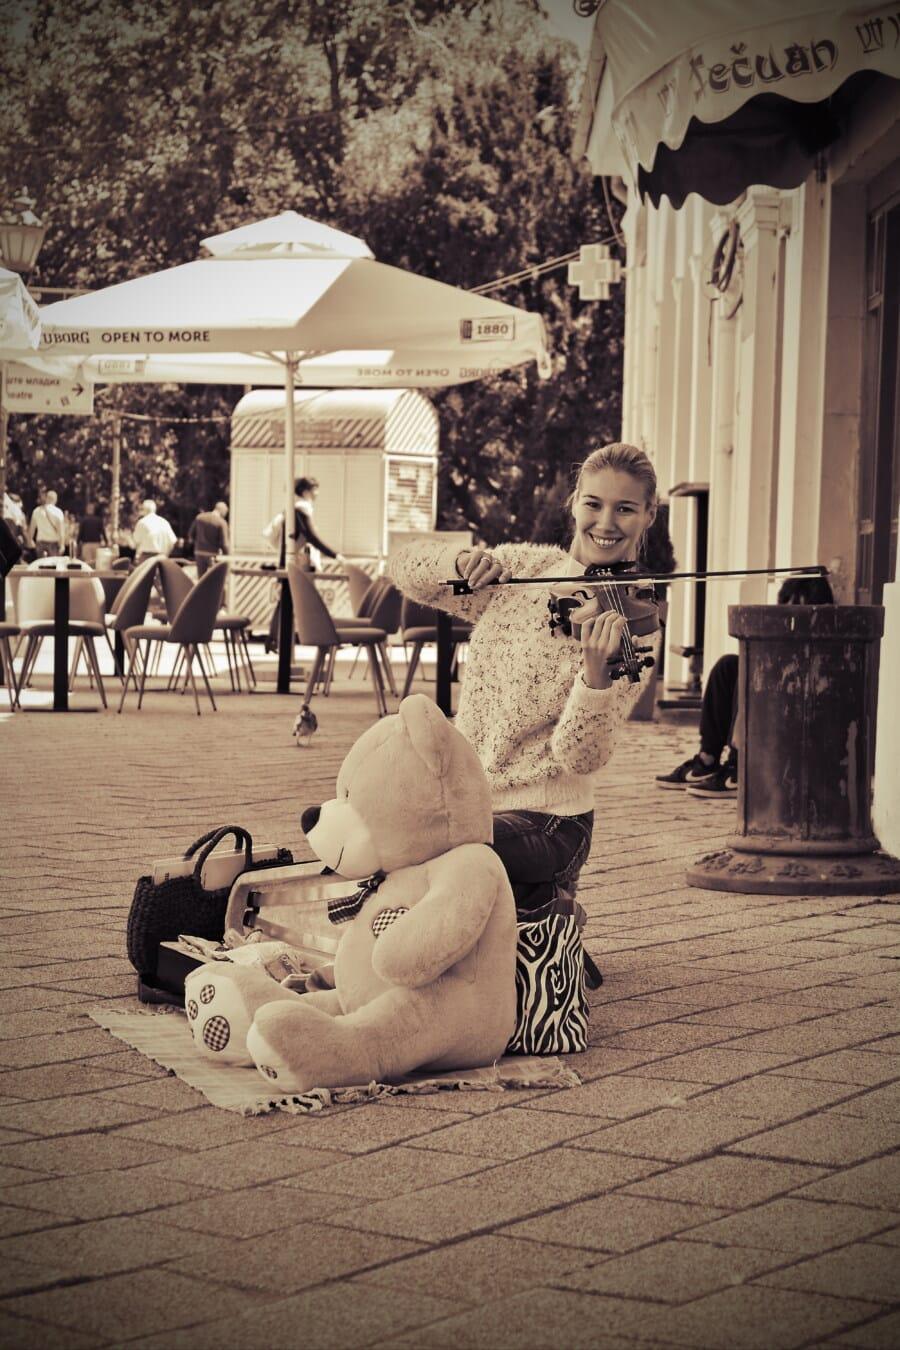 violon, jeune femme, Jolie fille, ours en peluche, artiste, rue, souriant, nostalgie, bonheur, musique